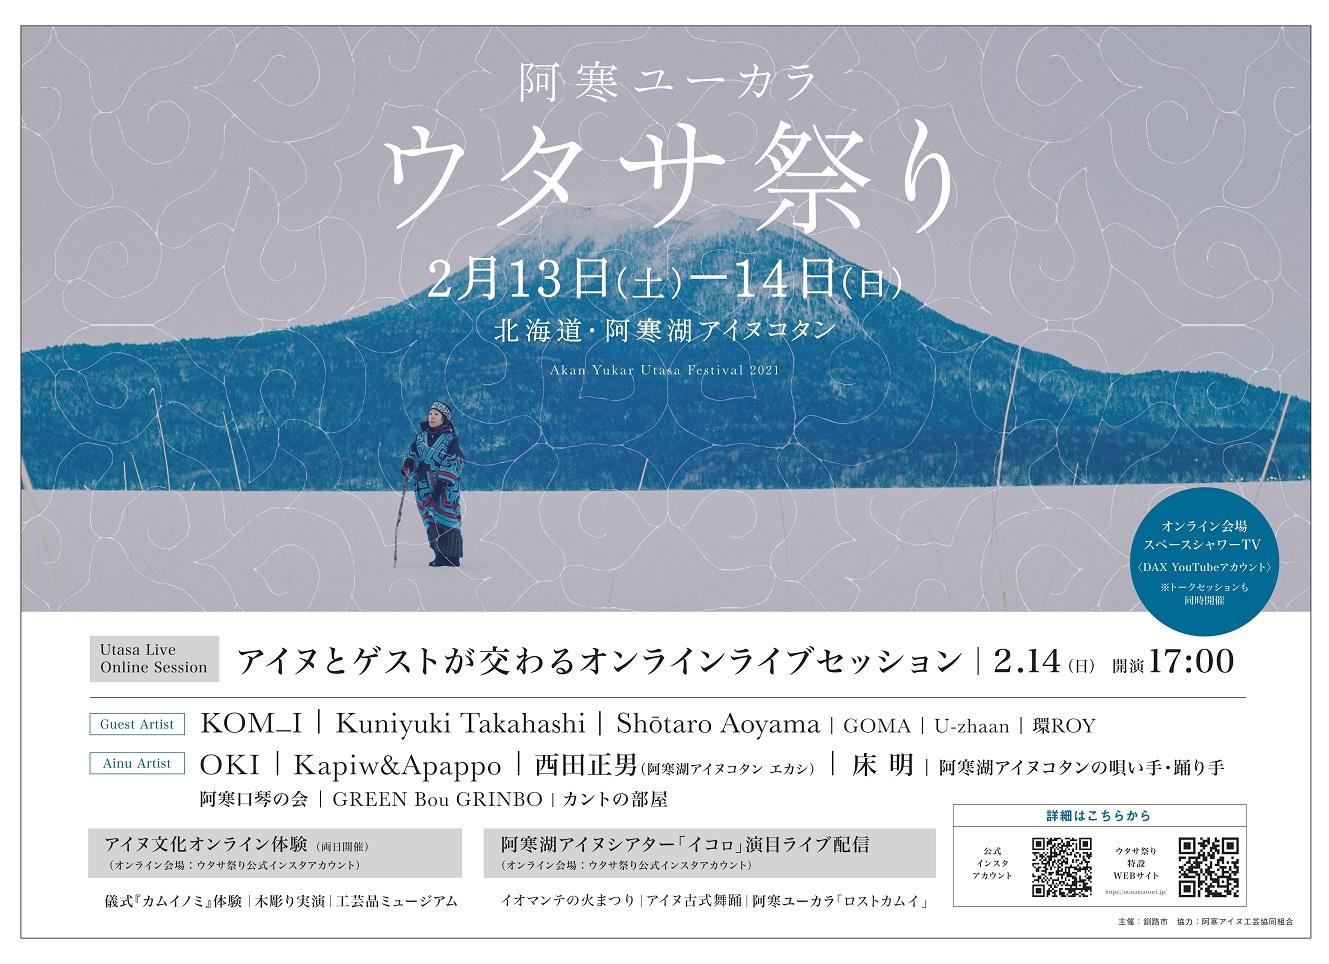 ウタサ祭りポスター